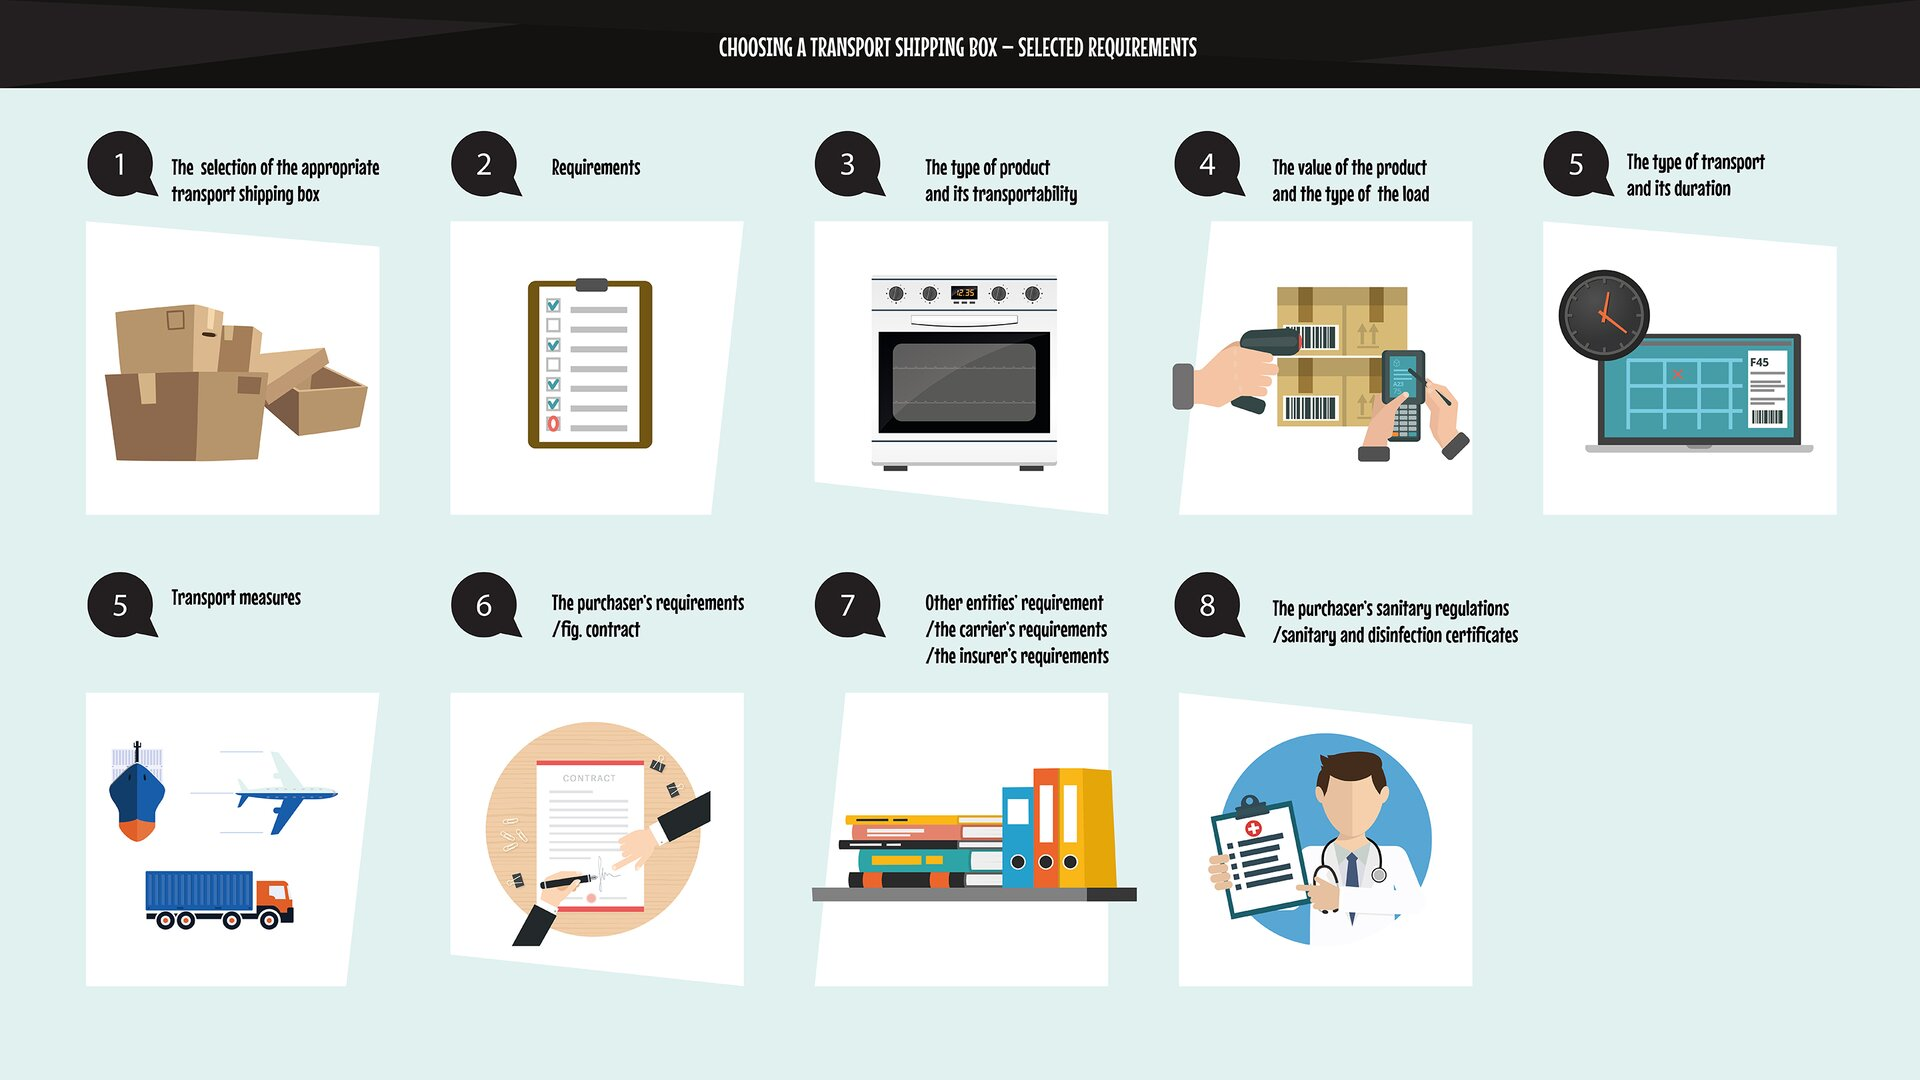 The graphics schematically show selected requirements concerning the selection of atransport shipping box.Grafika wsposób schematyczny przedstawia wybrane wymogi dotyczące doboru opakowania transportowego.